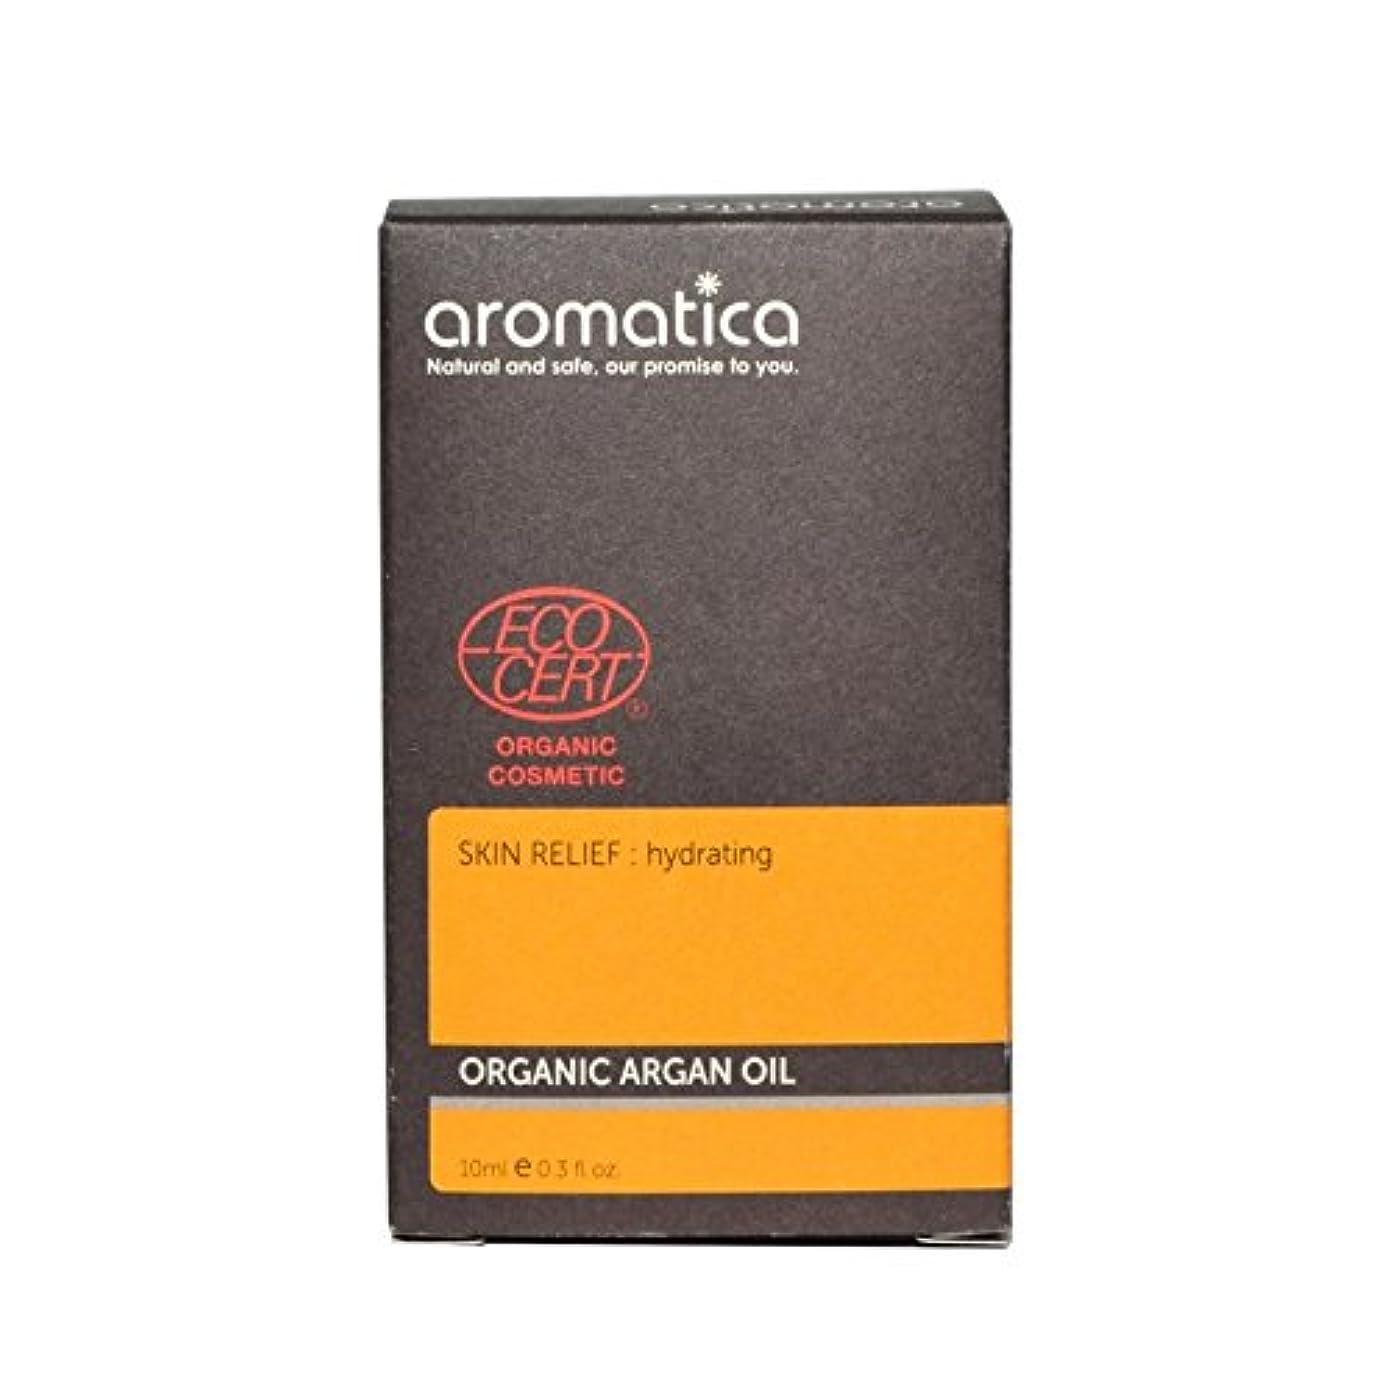 欲望ピッチャートレーニングaromatica Organic Argan Oil 10ml (Pack of 6) - オーガニックアルガンオイル10ミリリットル x6 [並行輸入品]